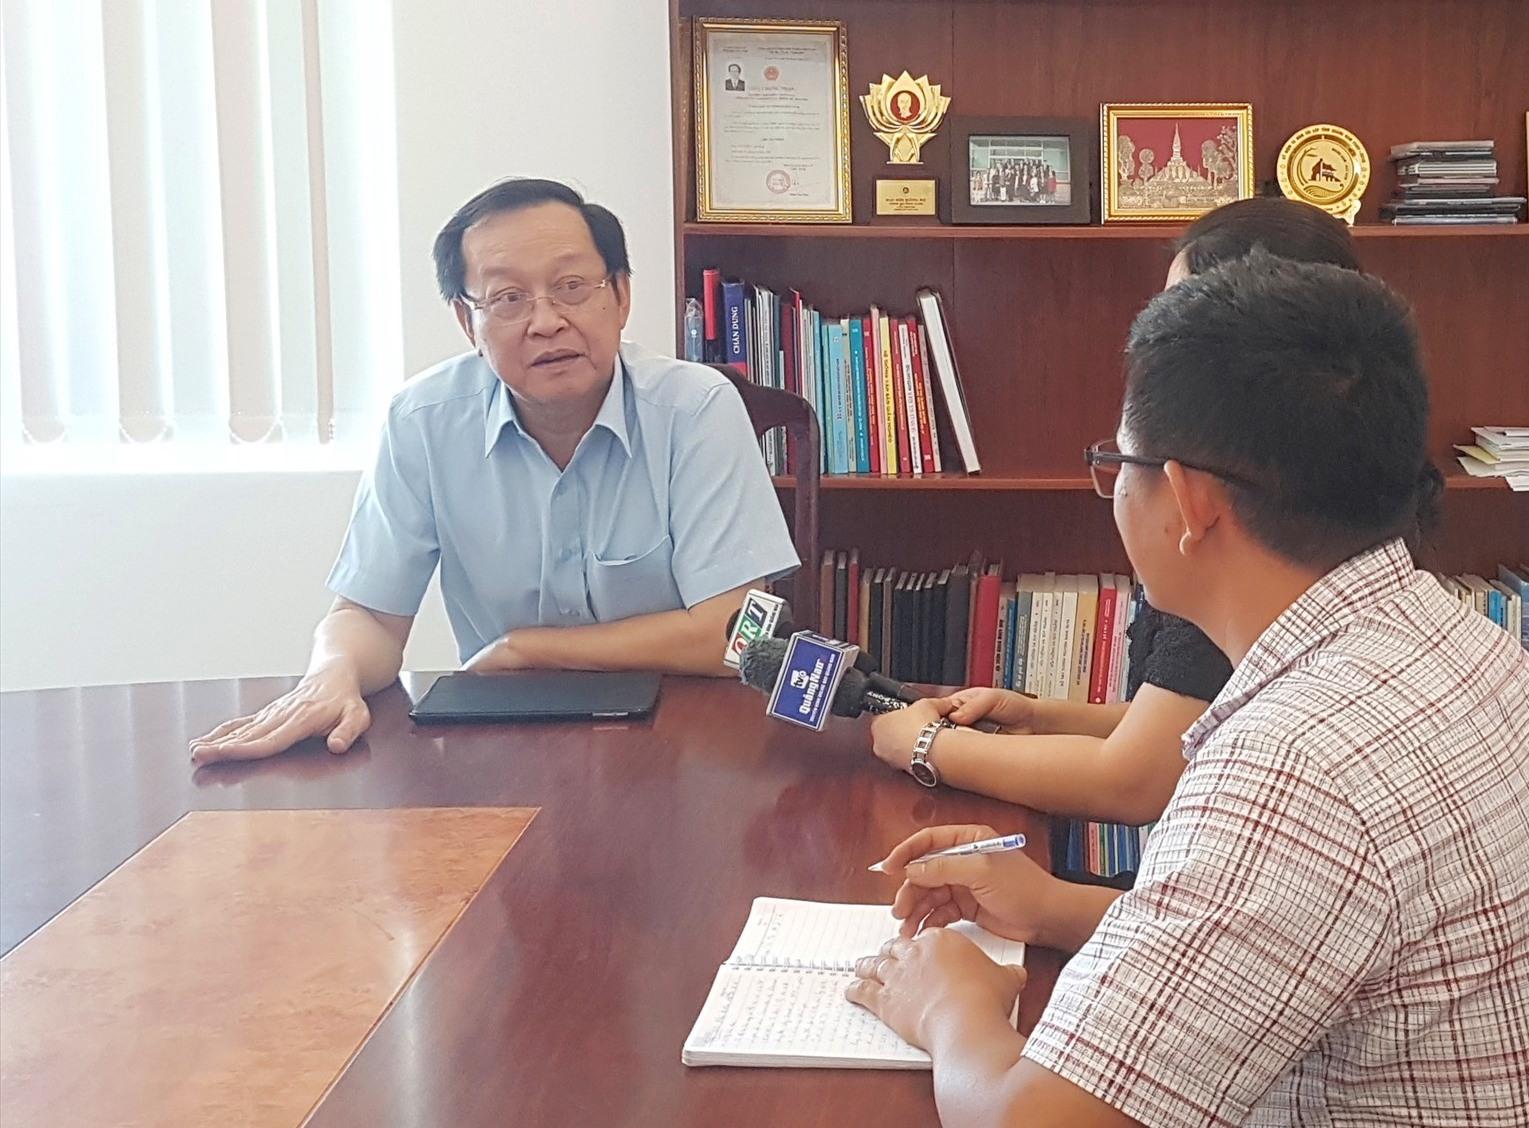 Ông Nguyễn Văn Hai thông tin về sự việc tại Công ty Domex. Ảnh: D.L